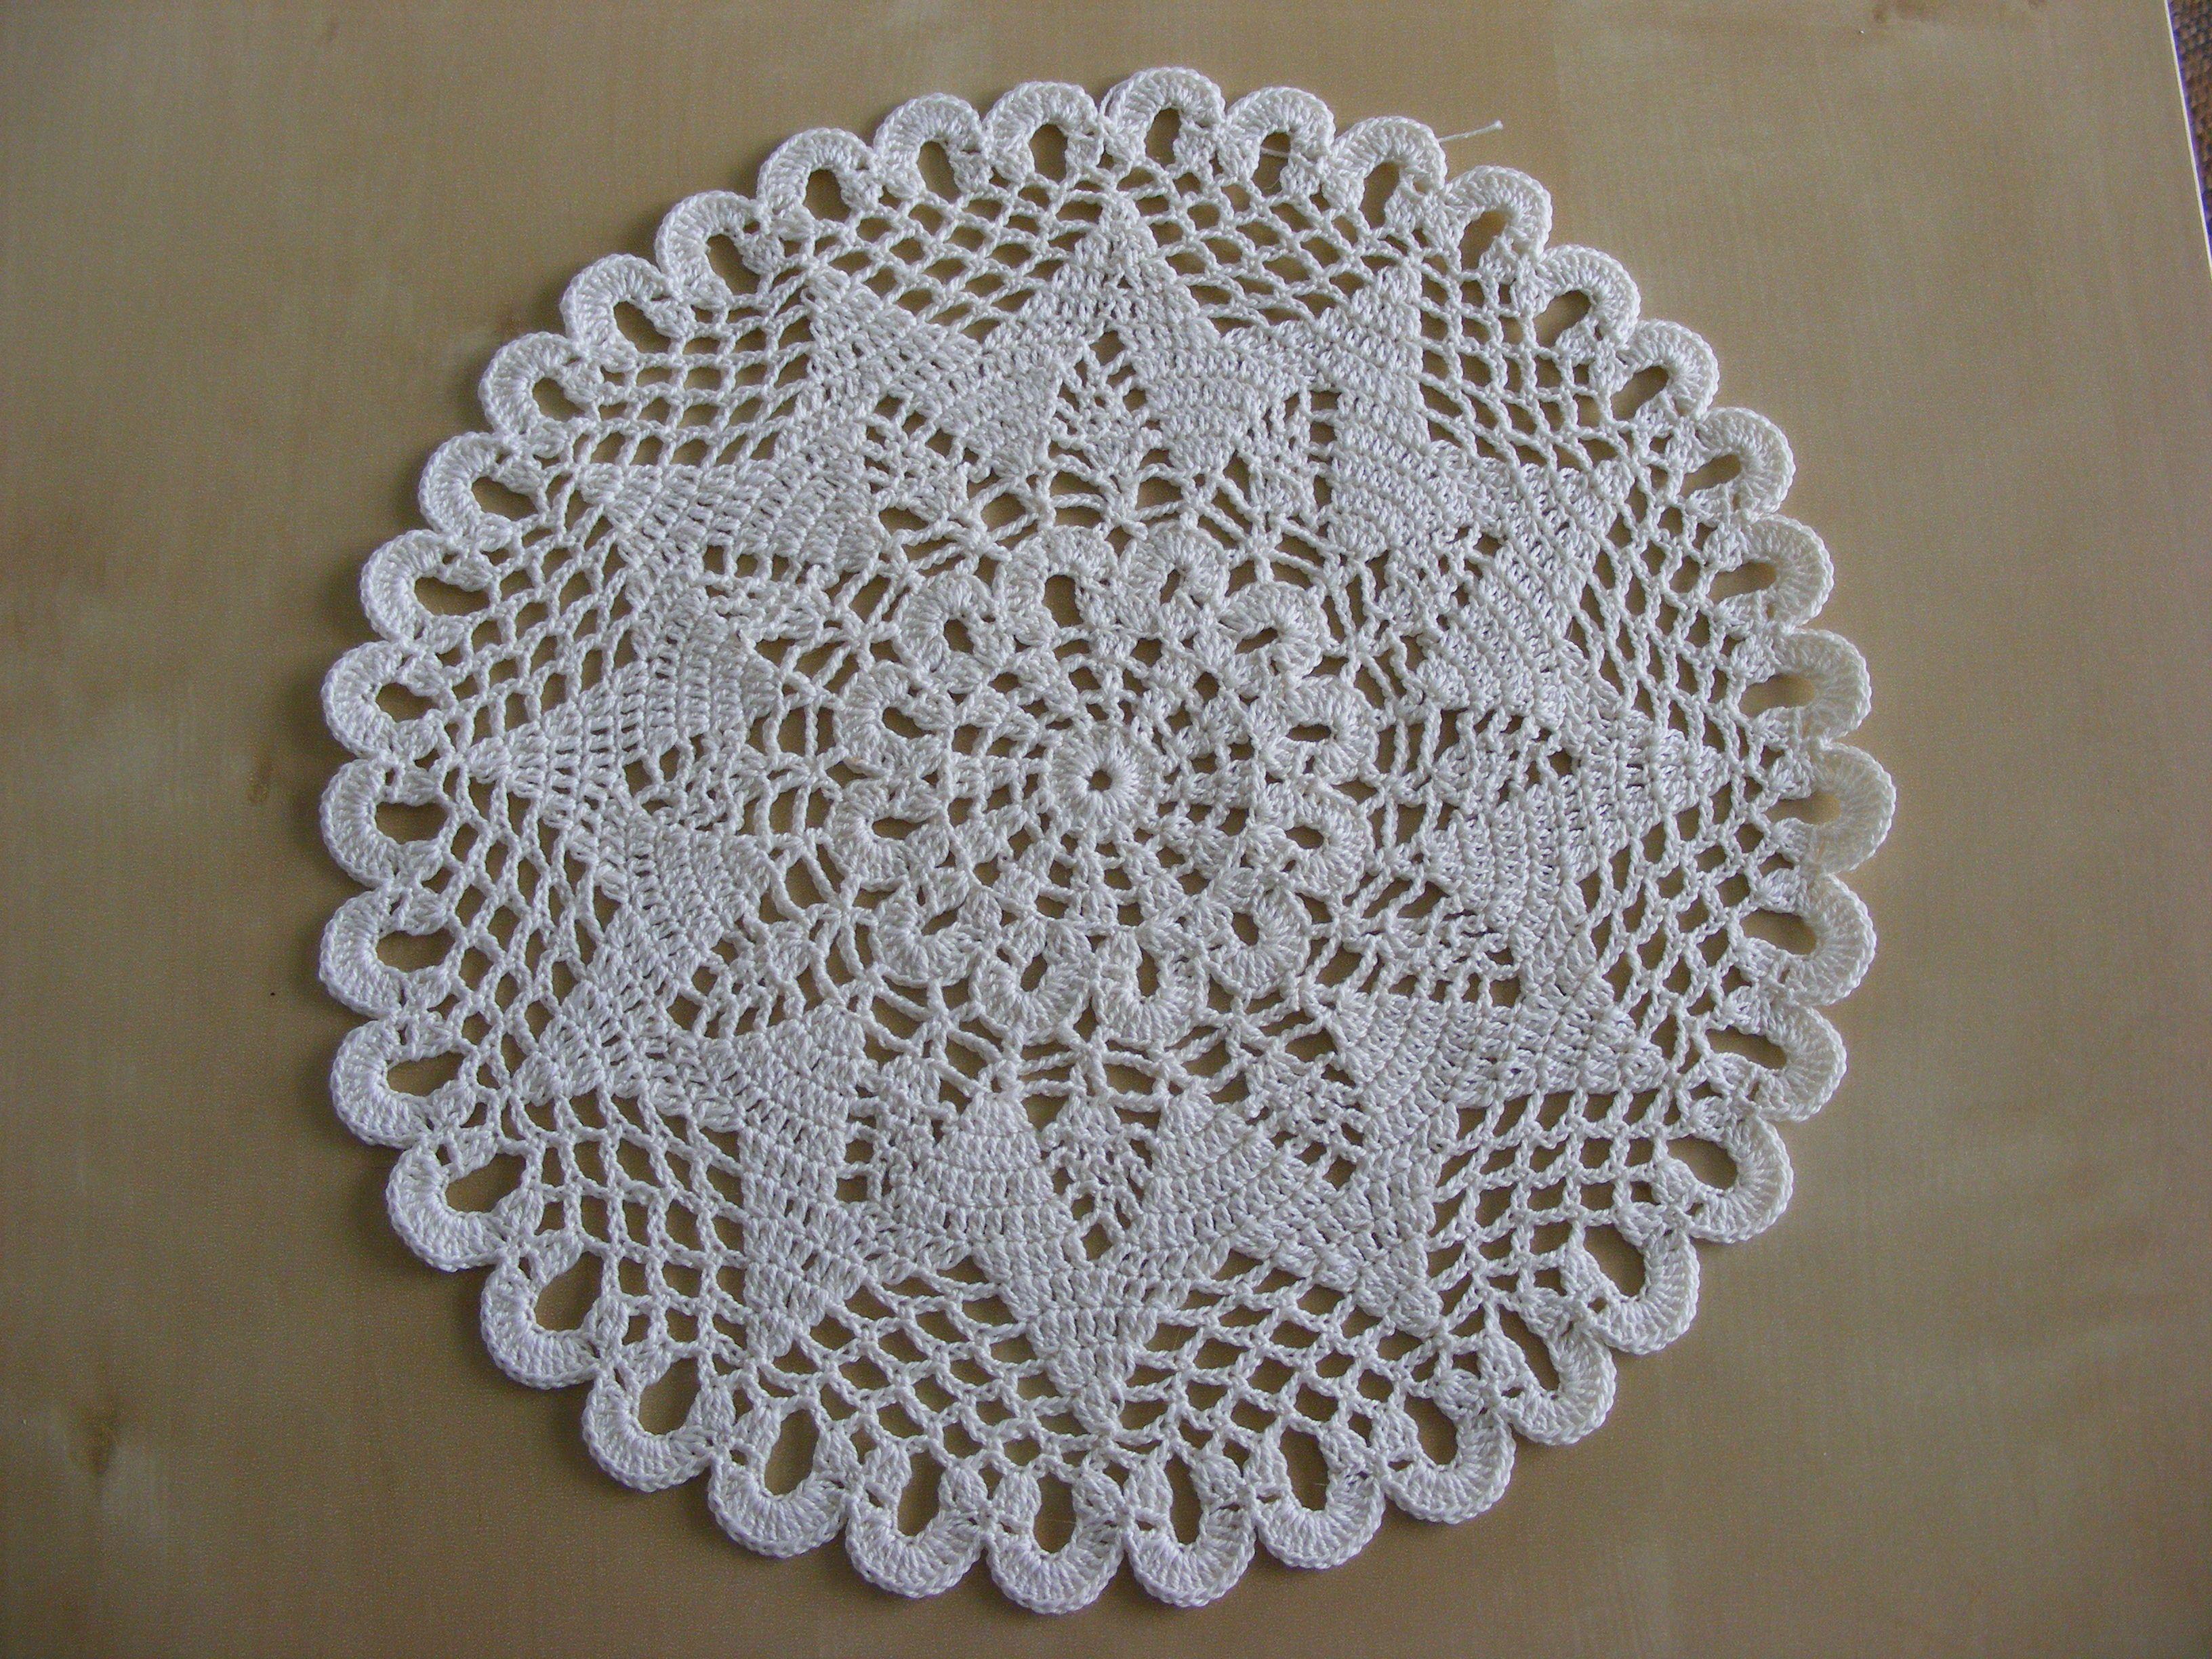 schlichtes Deckchen aus Filetgarn   my crochetworks   Pinterest ...